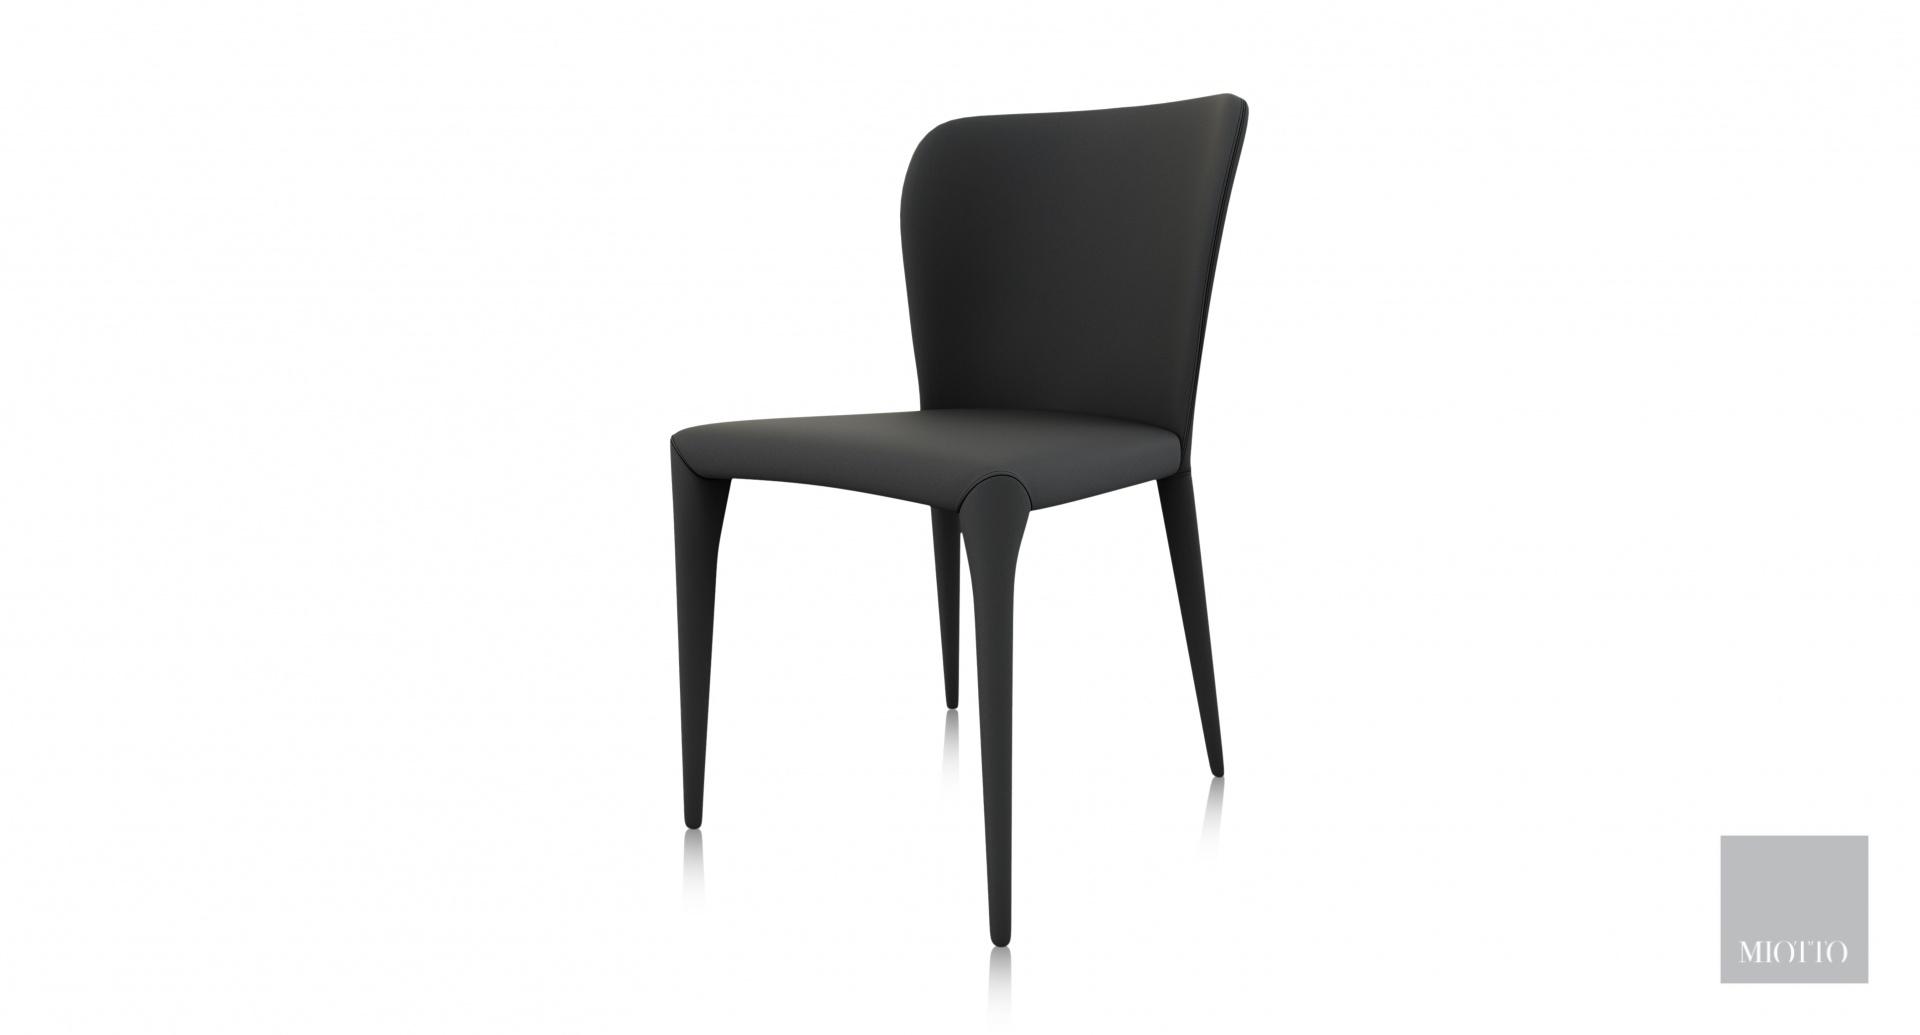 miotto_pavia DC grey T miotto design furniture